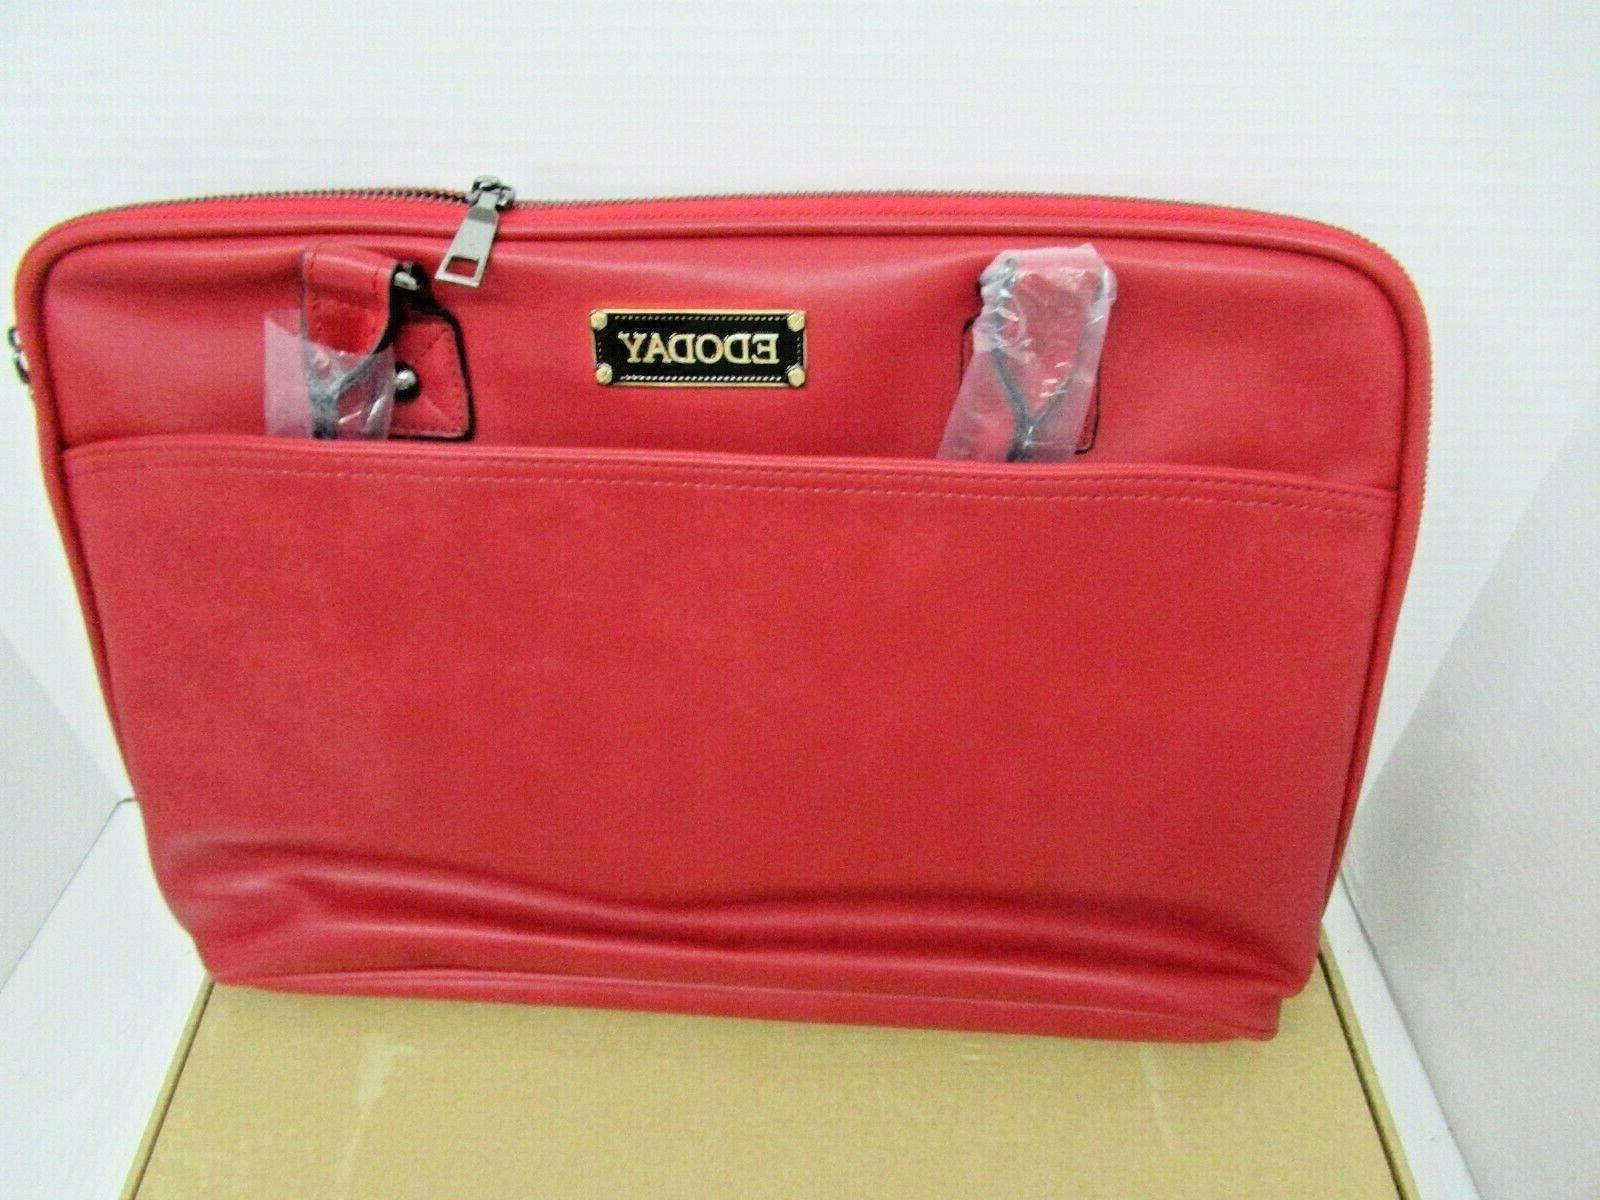 14 15 6 inch laptop bag